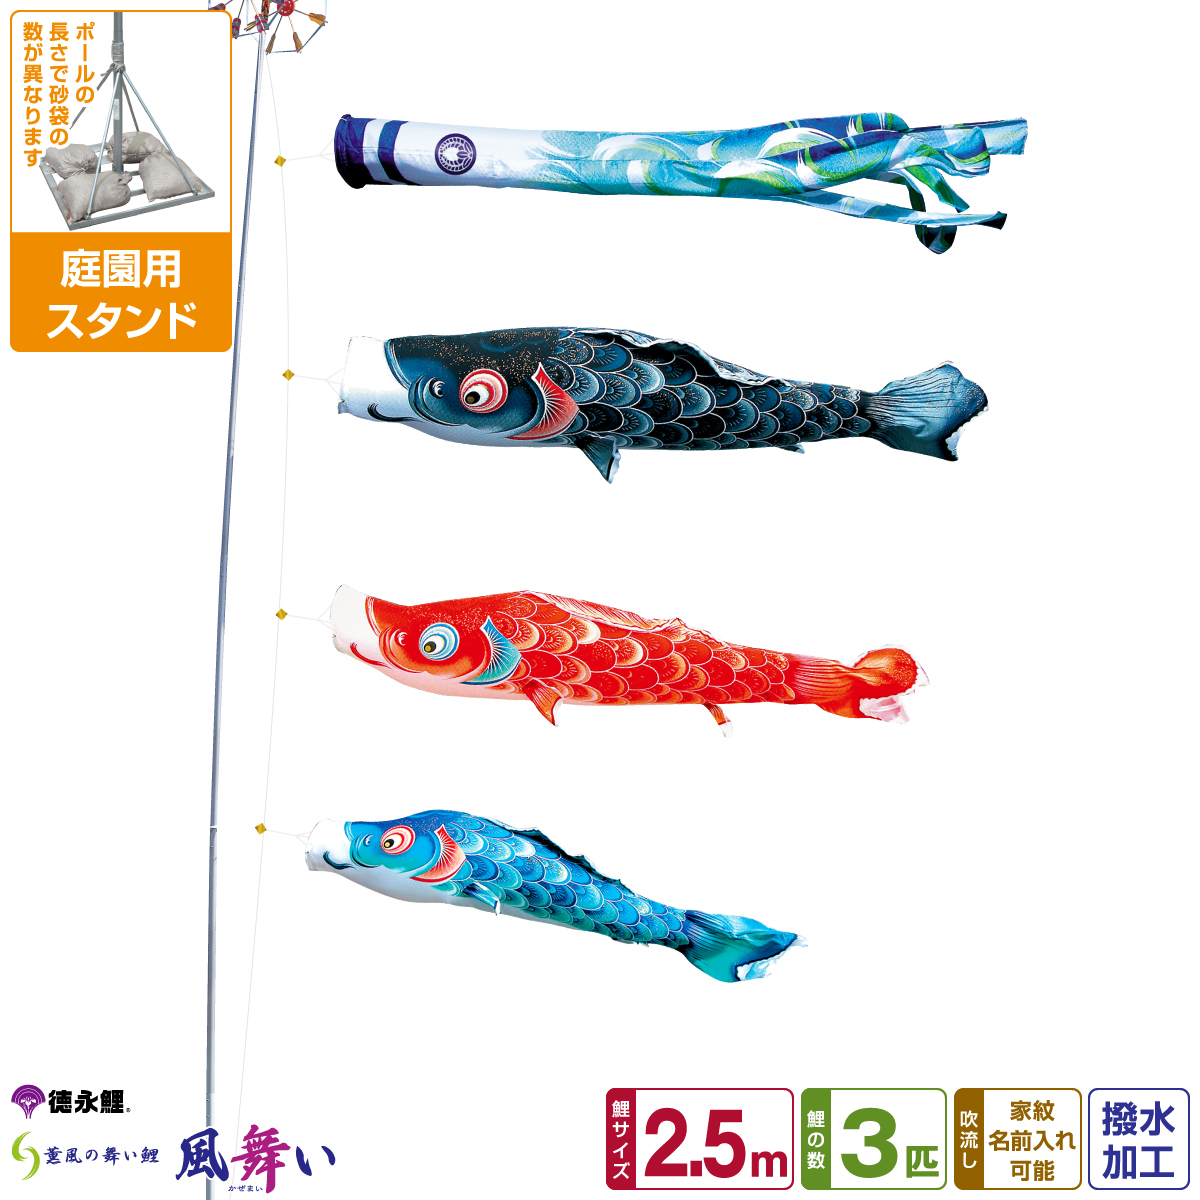 徳永鯉のぼり 風舞い鯉 2.5m 6点セット 庭園用スタンドセット 2019年初節句 端午の節句 こどもの日 こいのぼり